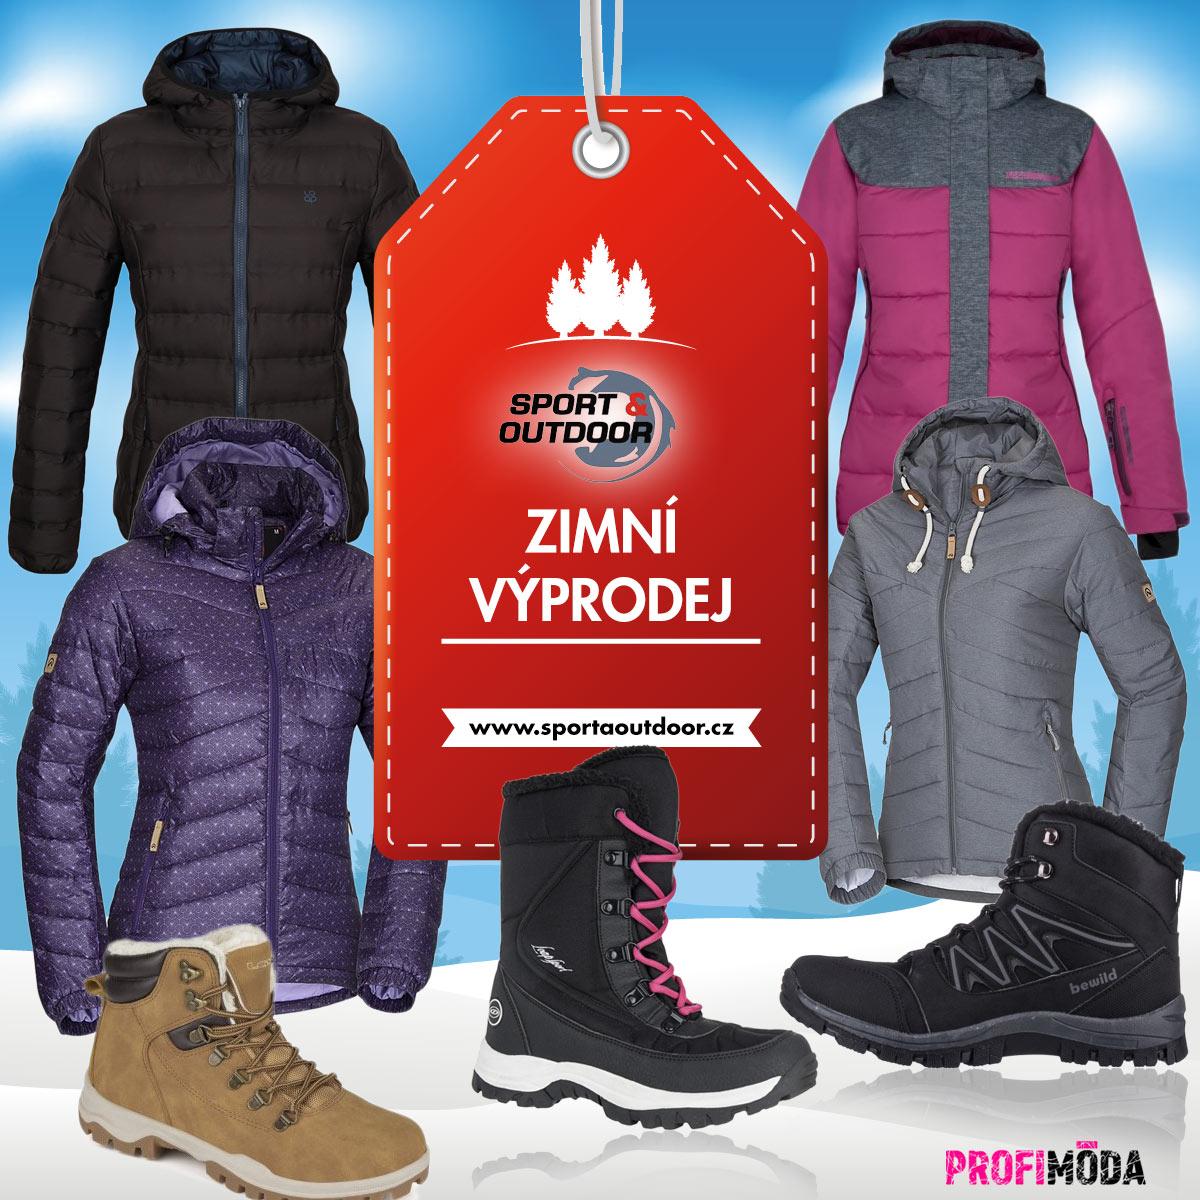 Zimní bundy: výprodej je tady! Stejně tak jako slevy na boty a další oblečení.